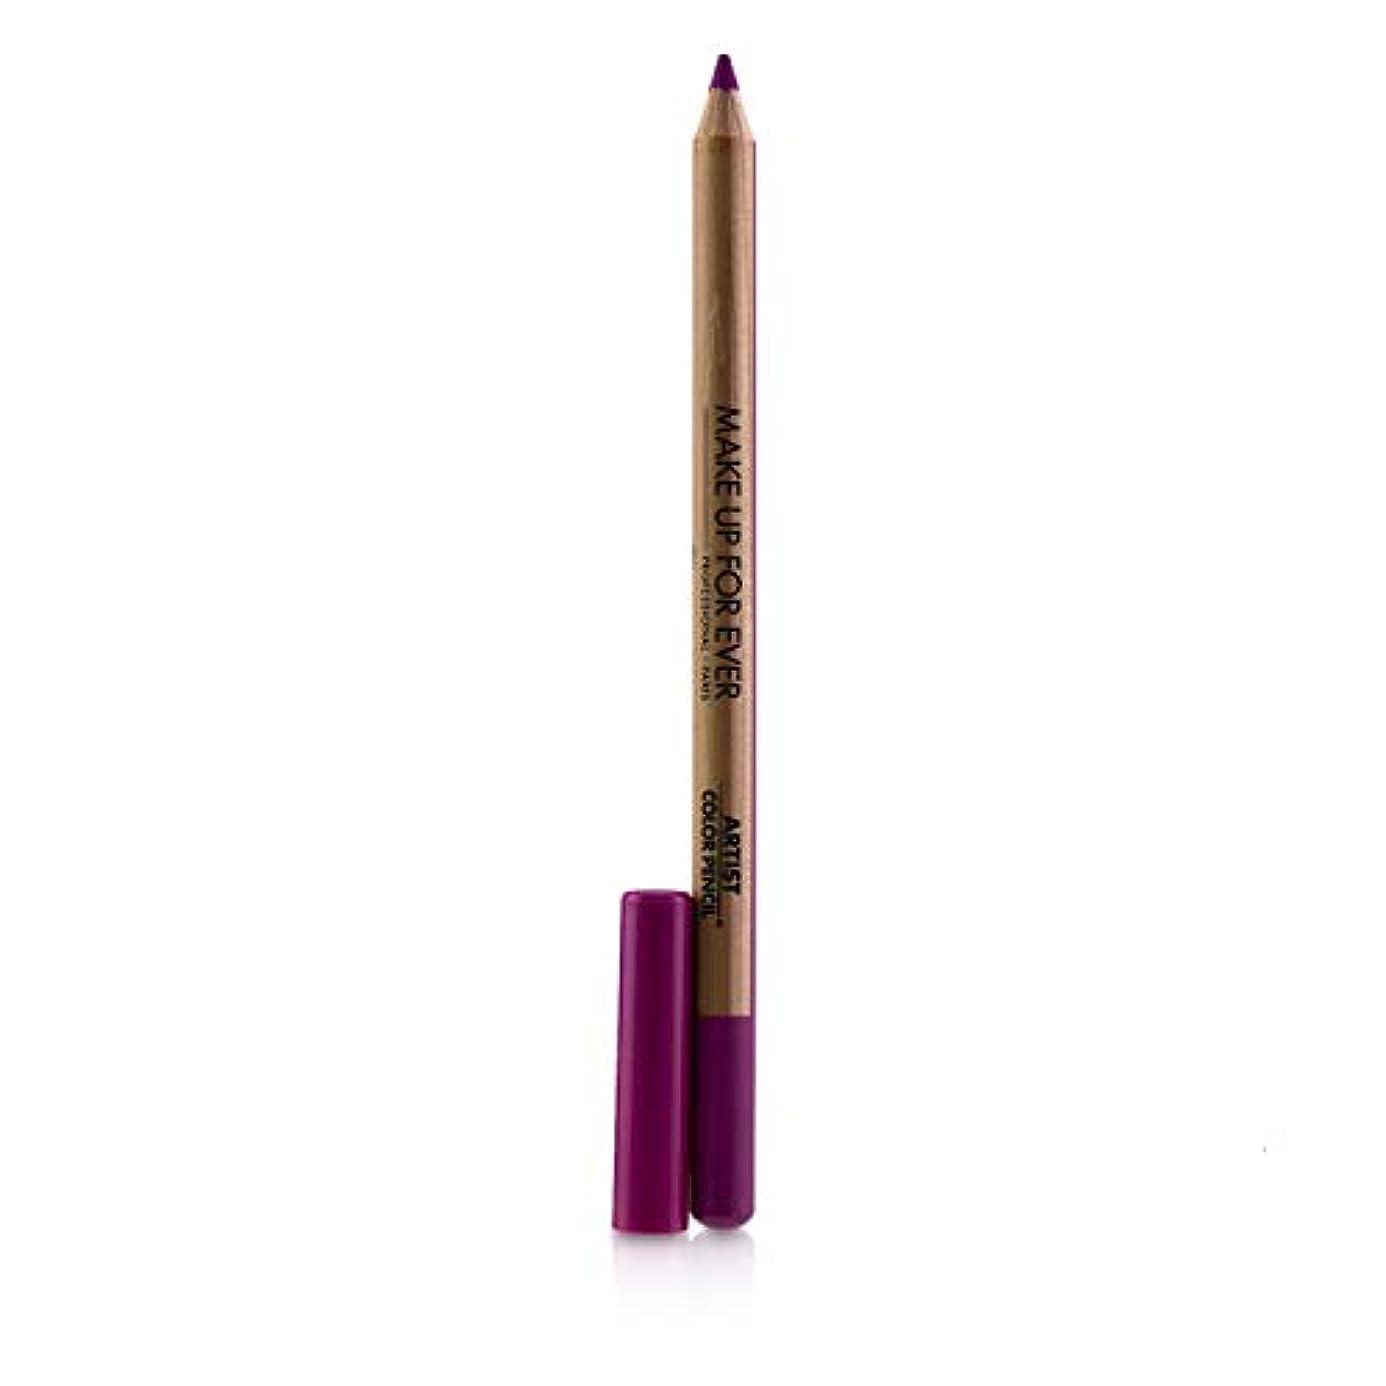 文小説メイクアップフォーエバー Artist Color Pencil - # 812 Multi Pink 1.41g/0.04oz並行輸入品